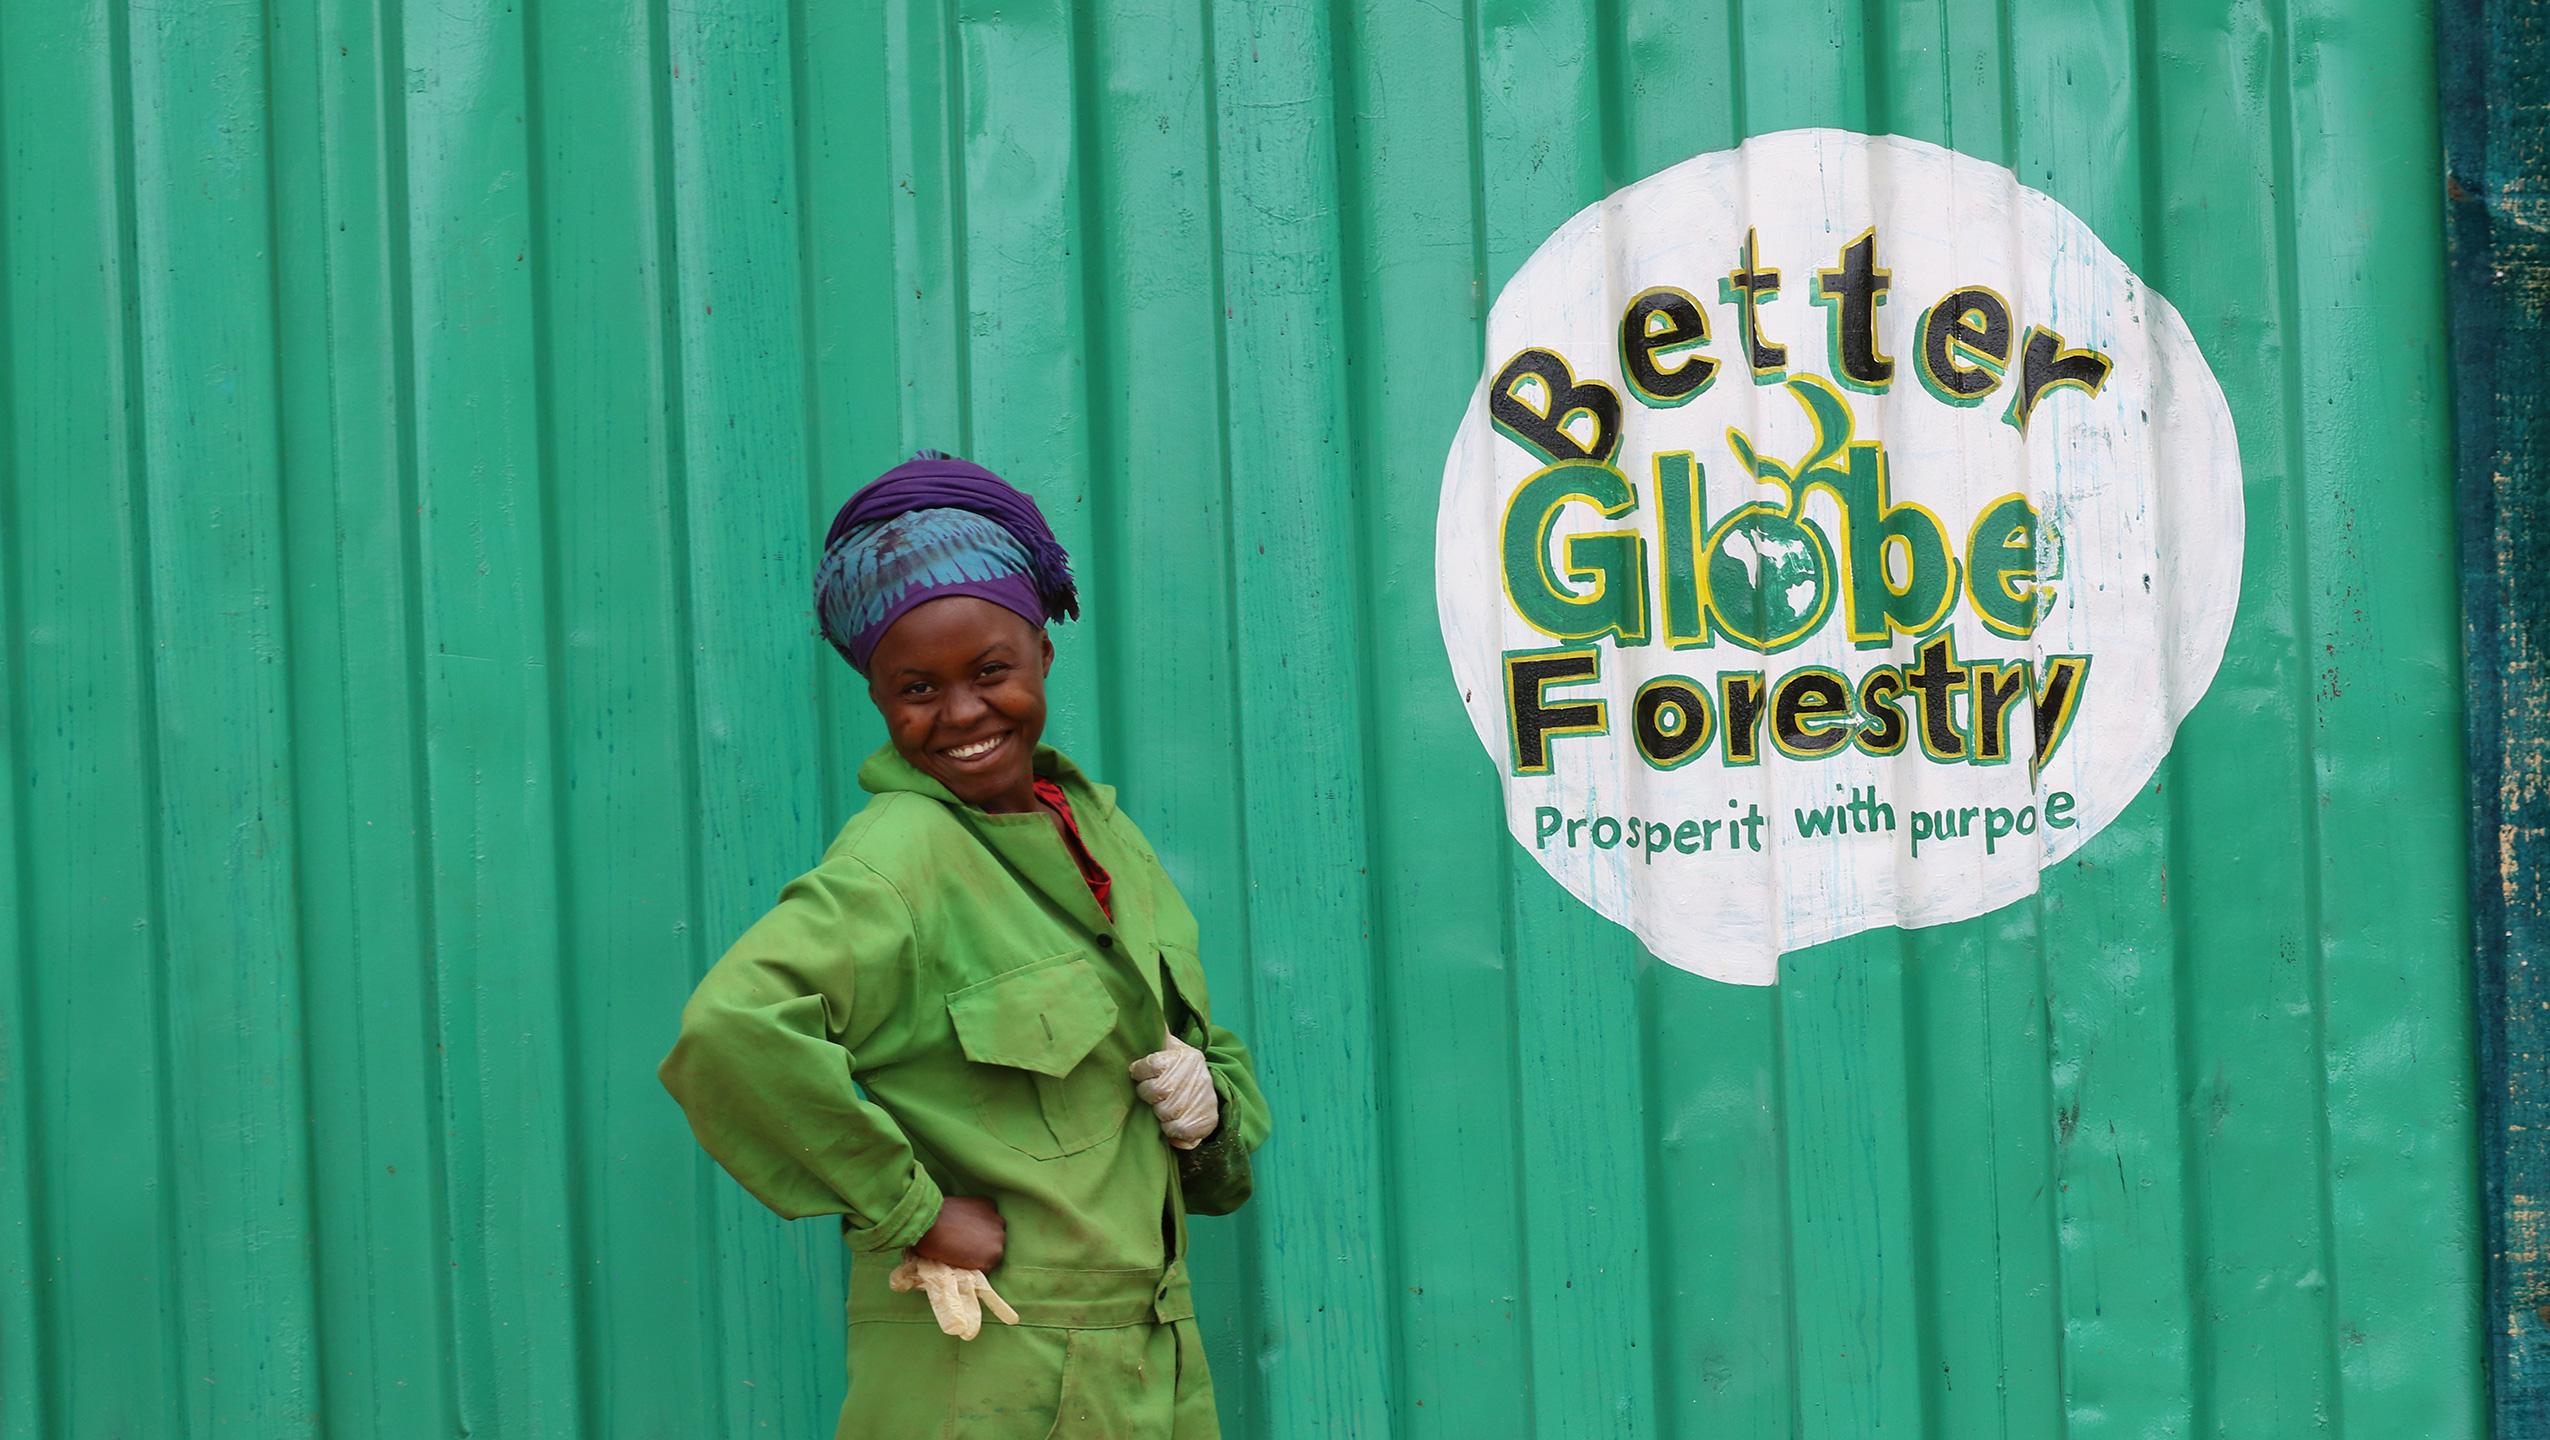 Better Globe Forestry Ltd.